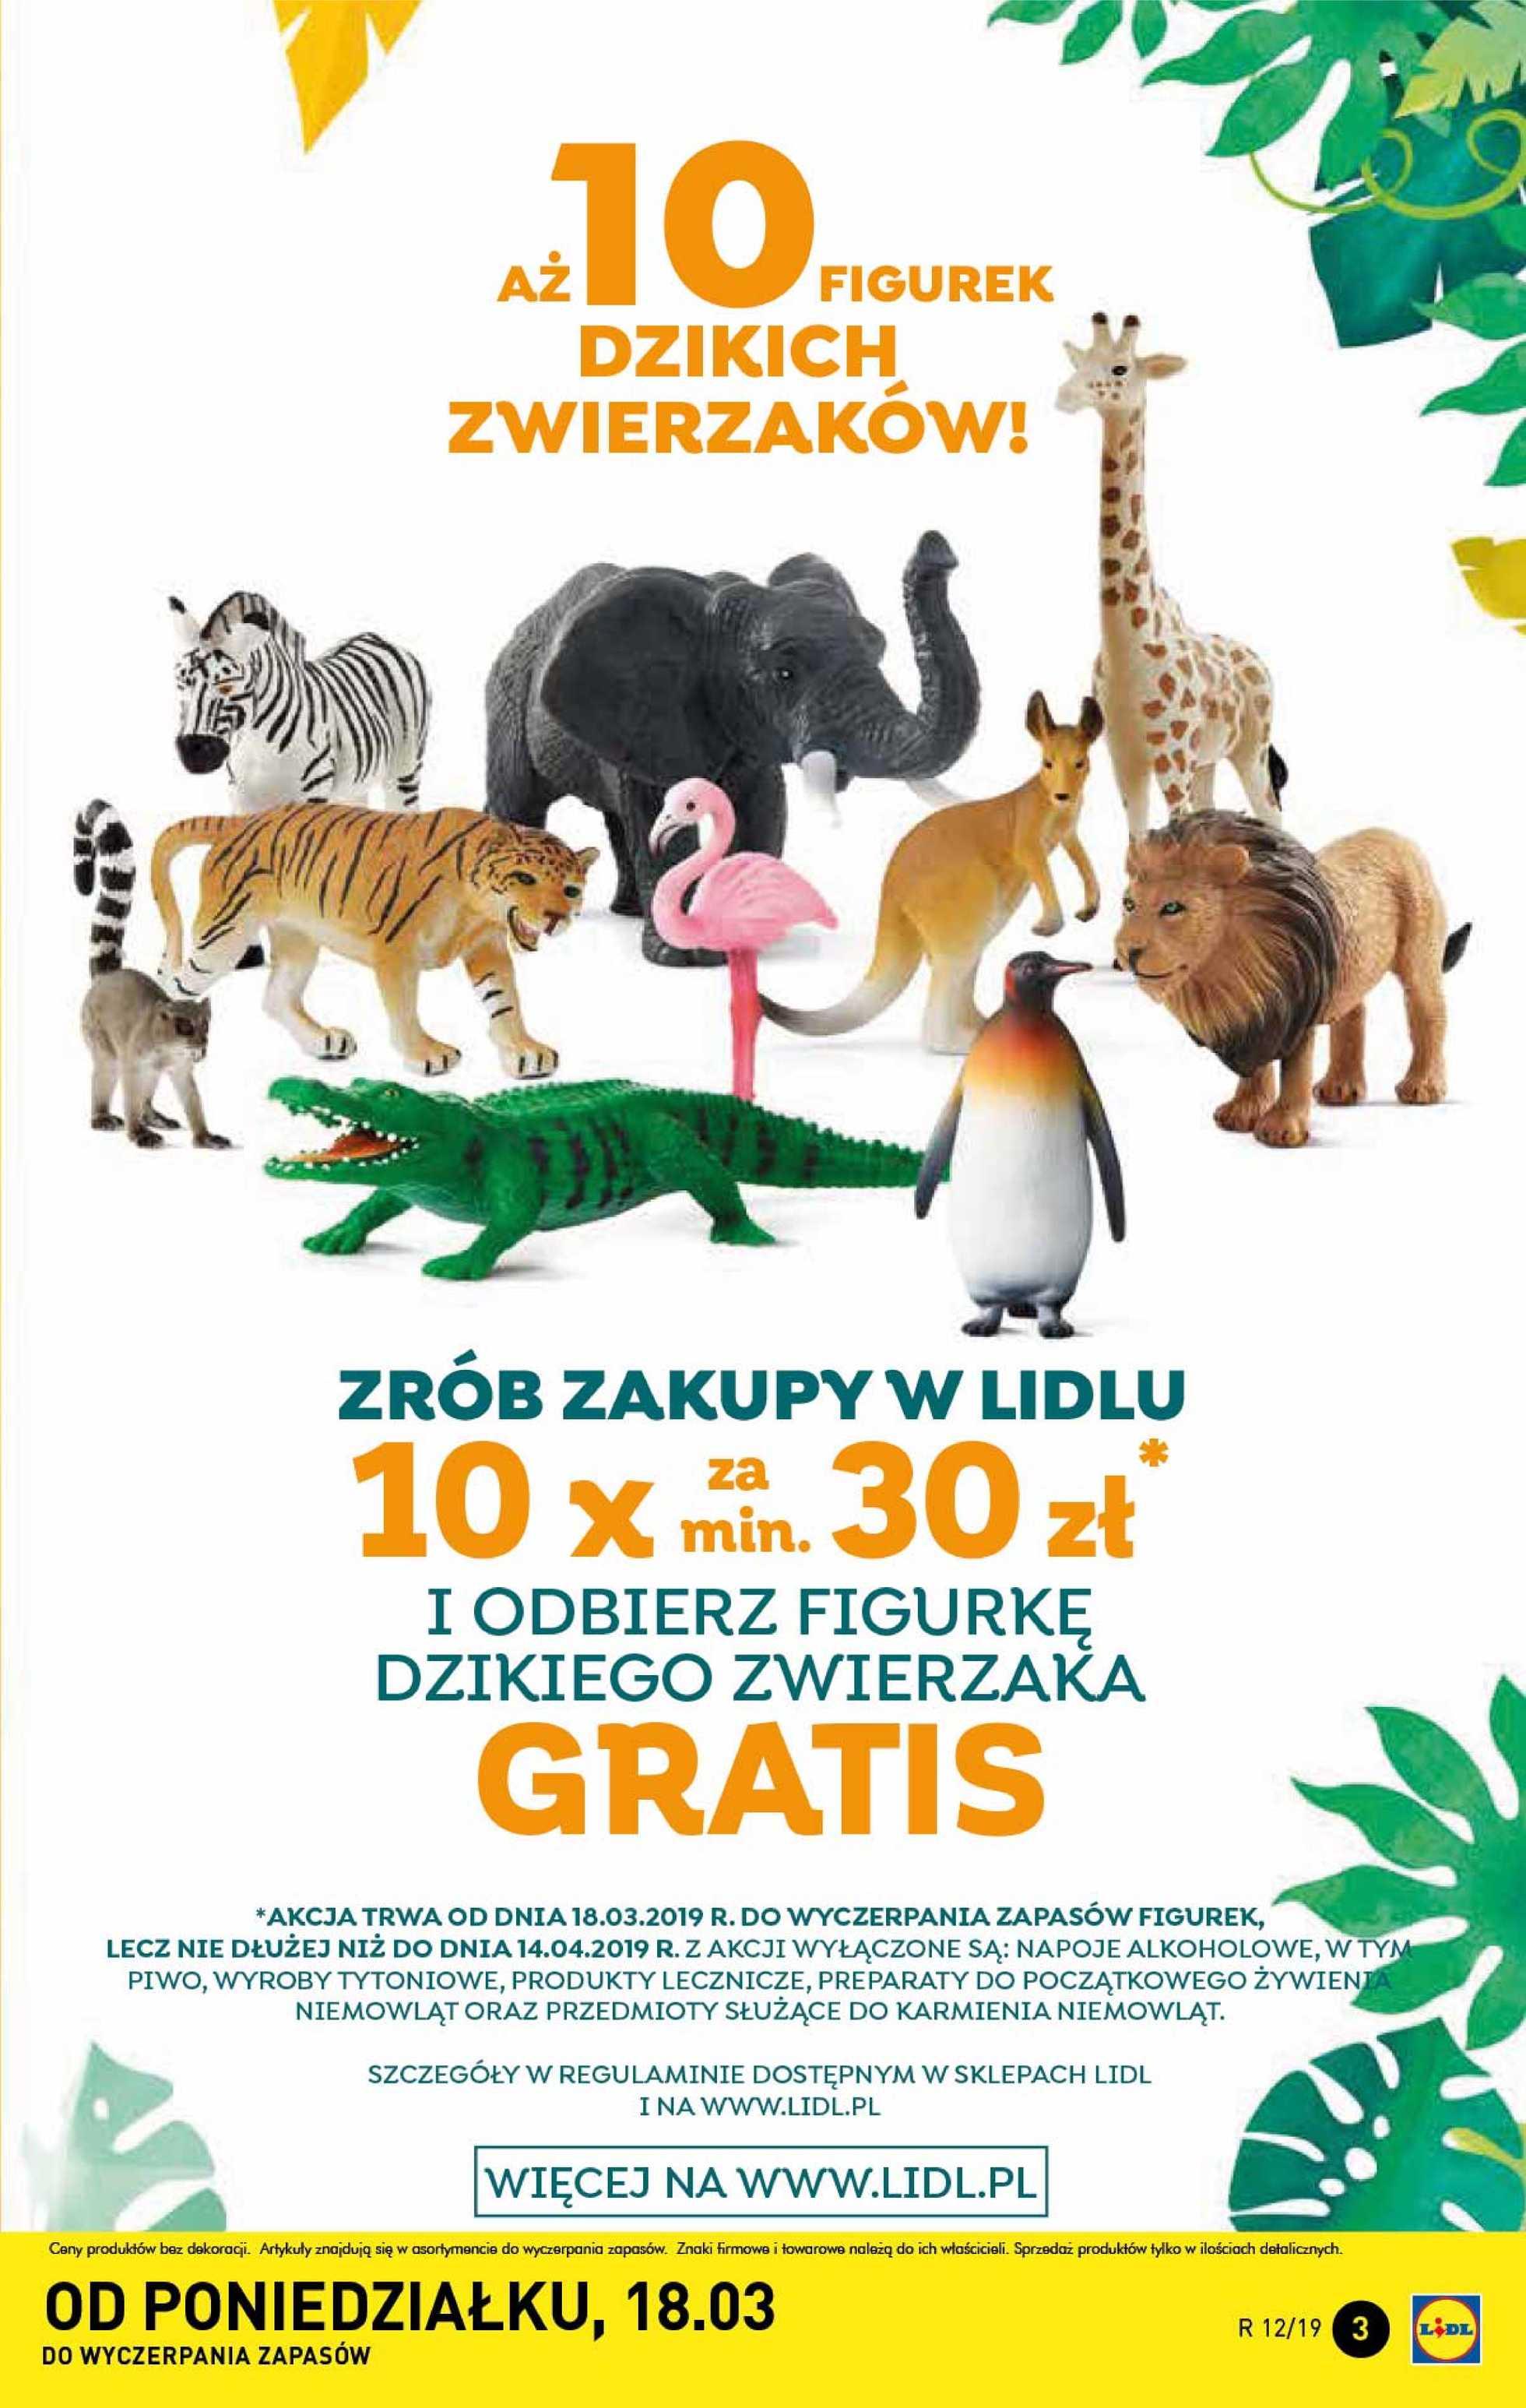 Lidl Gazetka Promocyjna 18 03 2019 Gazetkowopl